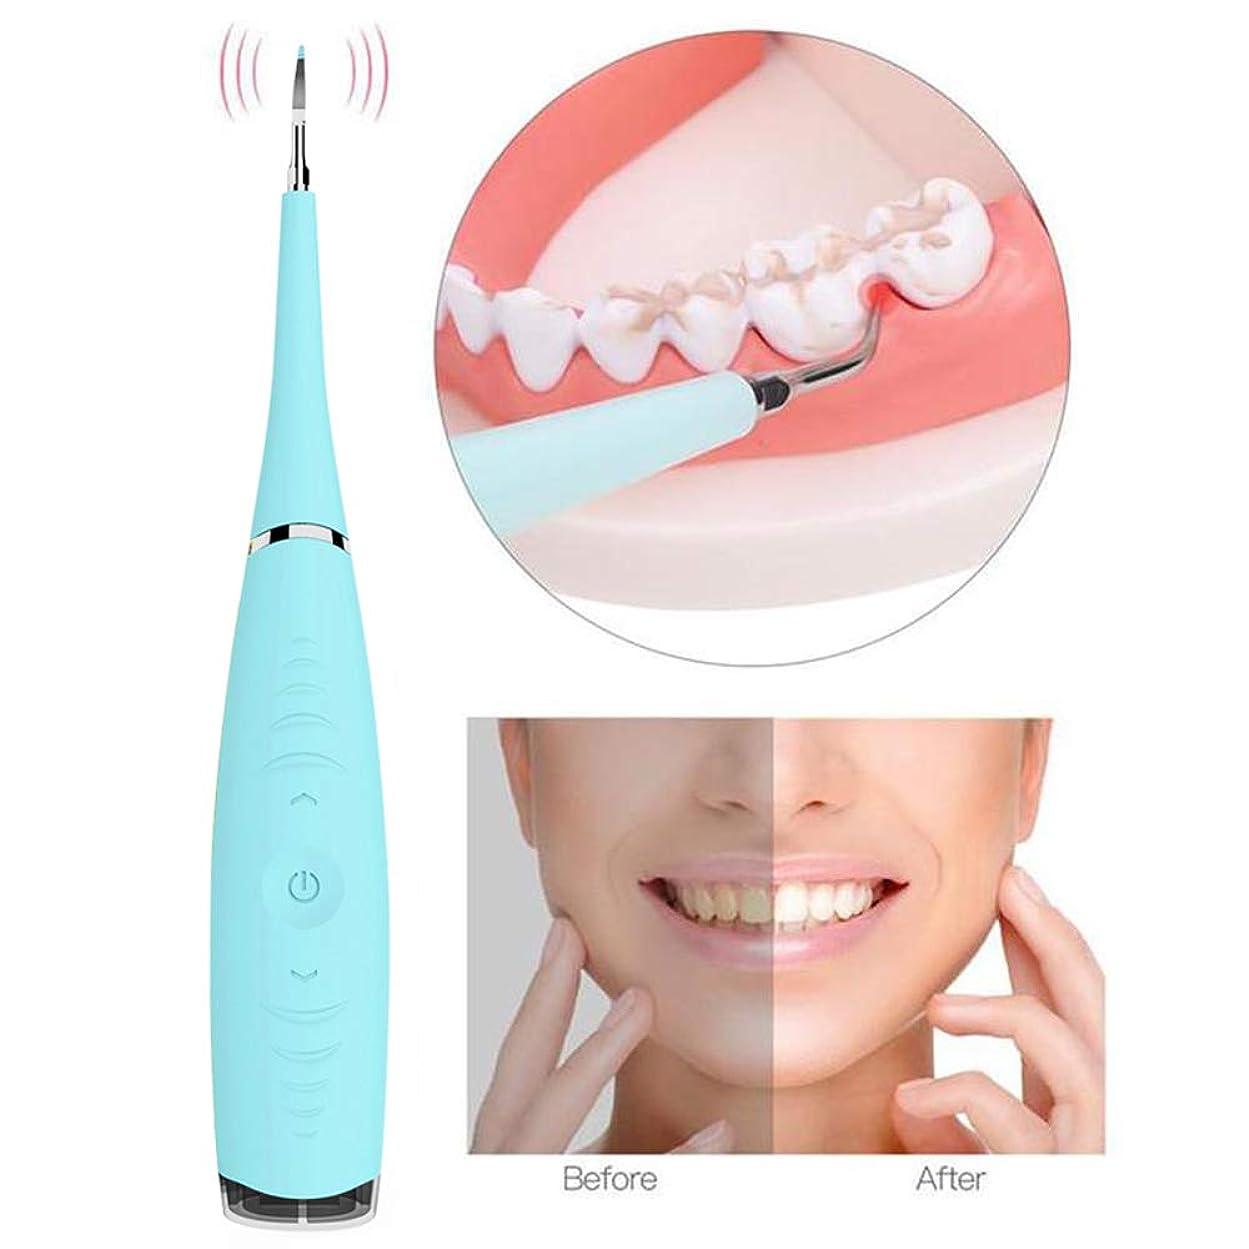 融合クラス何もない歯石除去ホワイトニング歯石除去ポータブル家庭用歯石プラーク除去歯磨き粉用健康口腔衛生